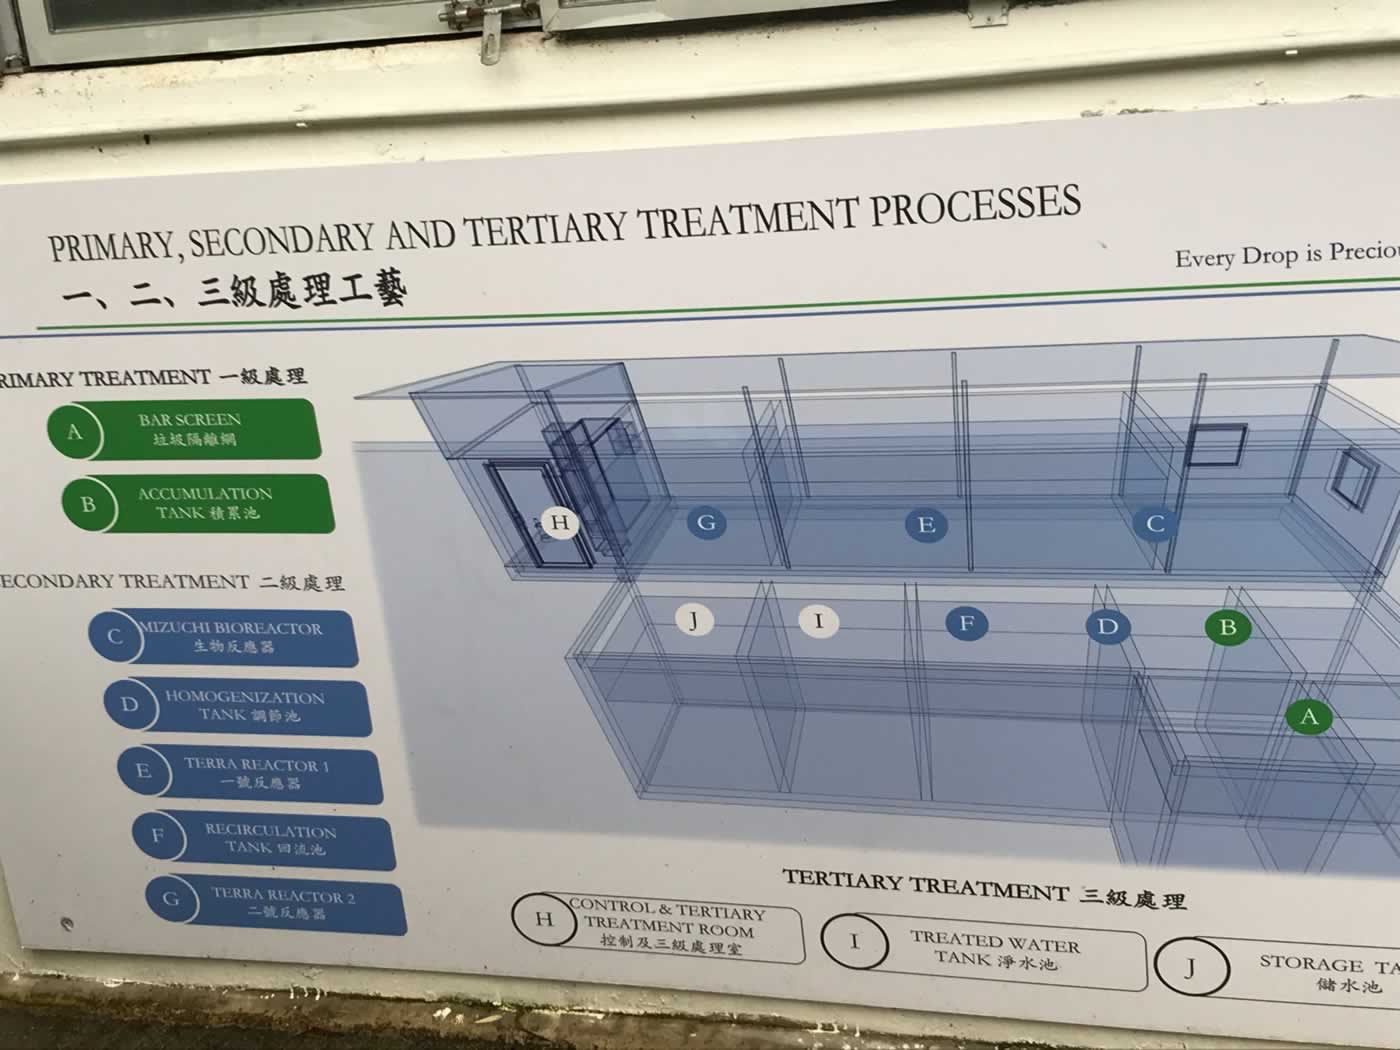 賽馬會慈善信託基金捐助學校建成生化淨水系統